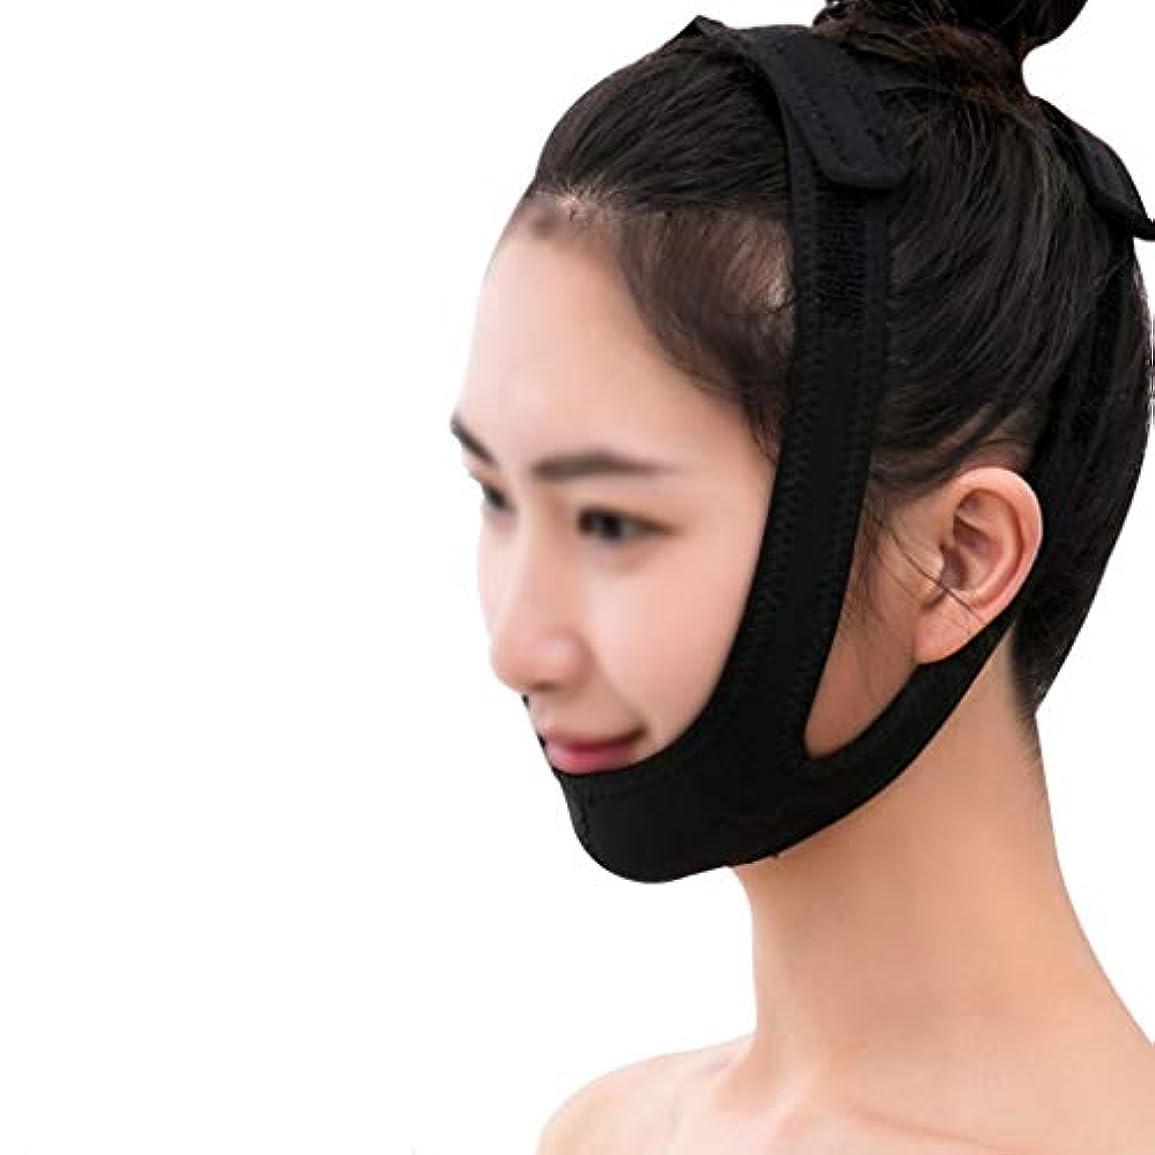 ビリー荒らす超越するフェイシャルリフティングマスク、医療用ワイヤーカービングリカバリーヘッドギアVフェイスバンデージダブルチンフェイスリフトマスクブラック